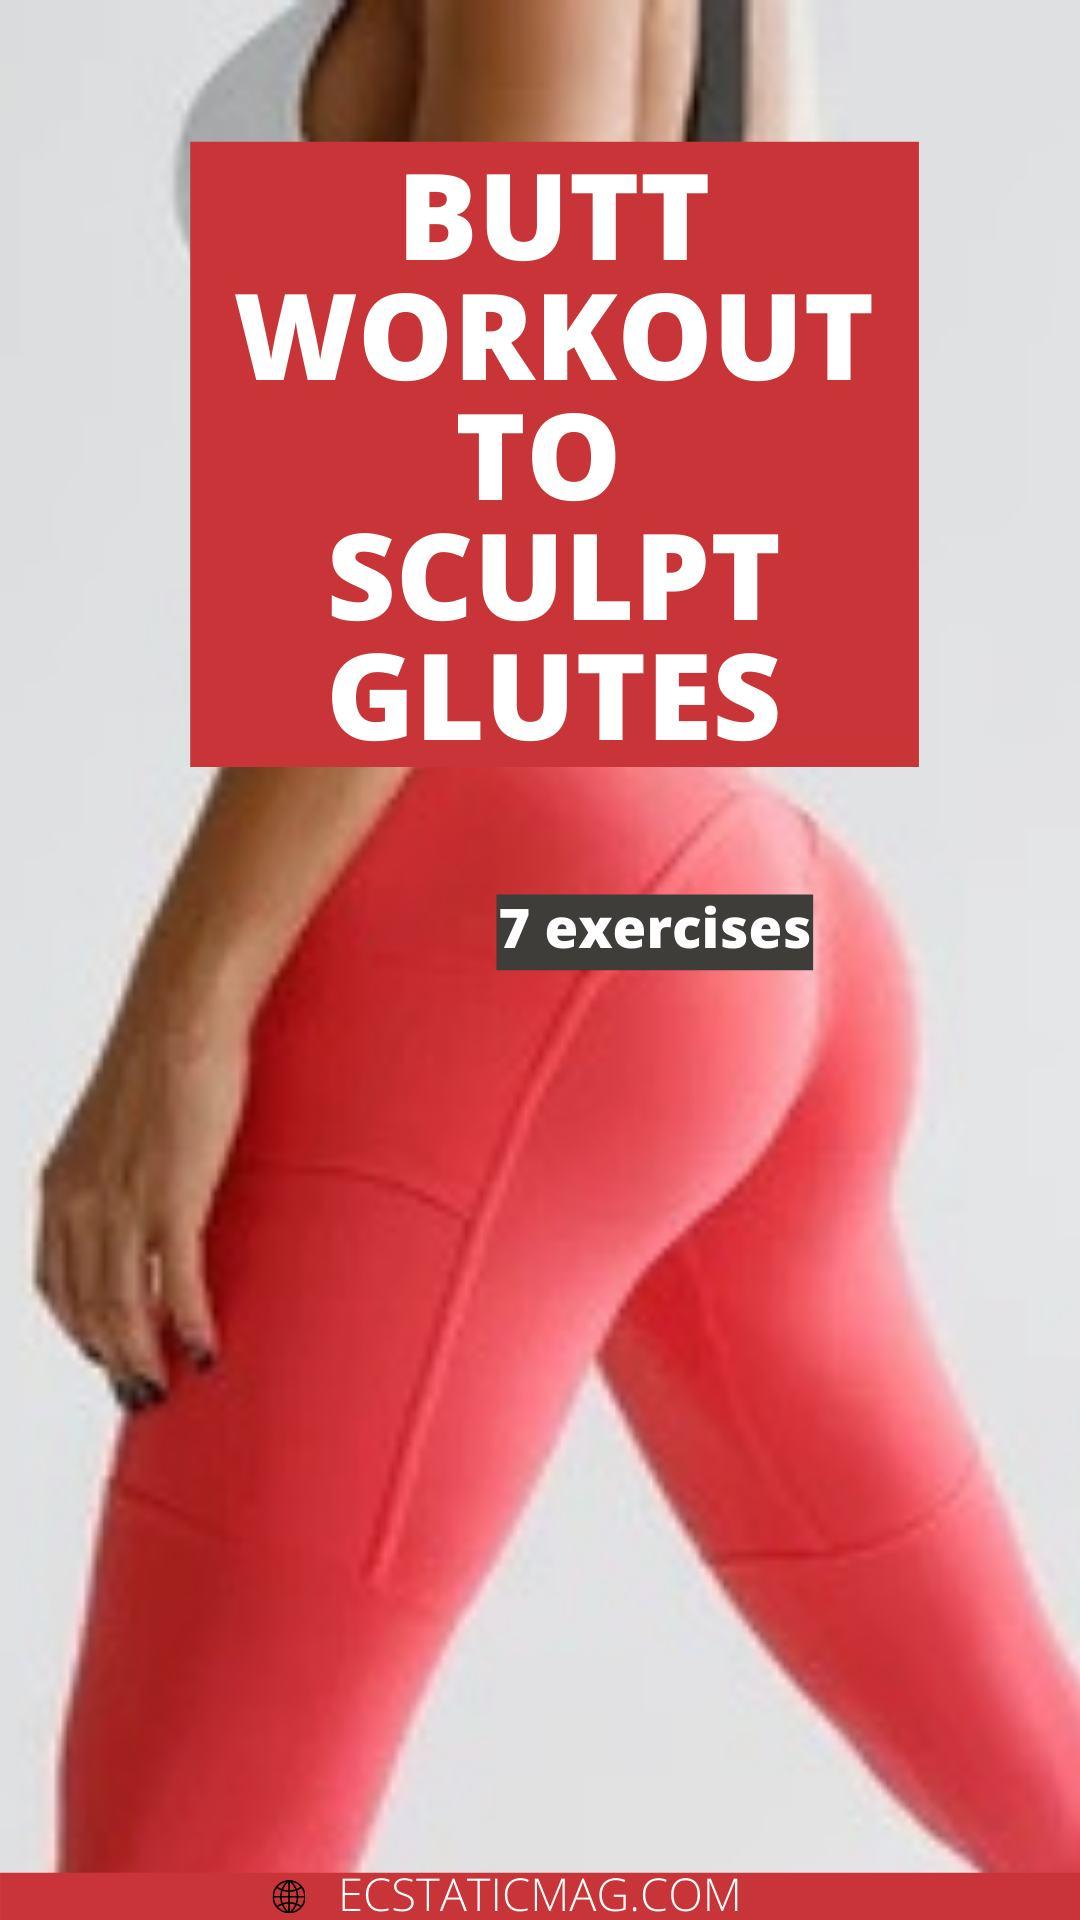 Butt Workout to sculpt Glutes